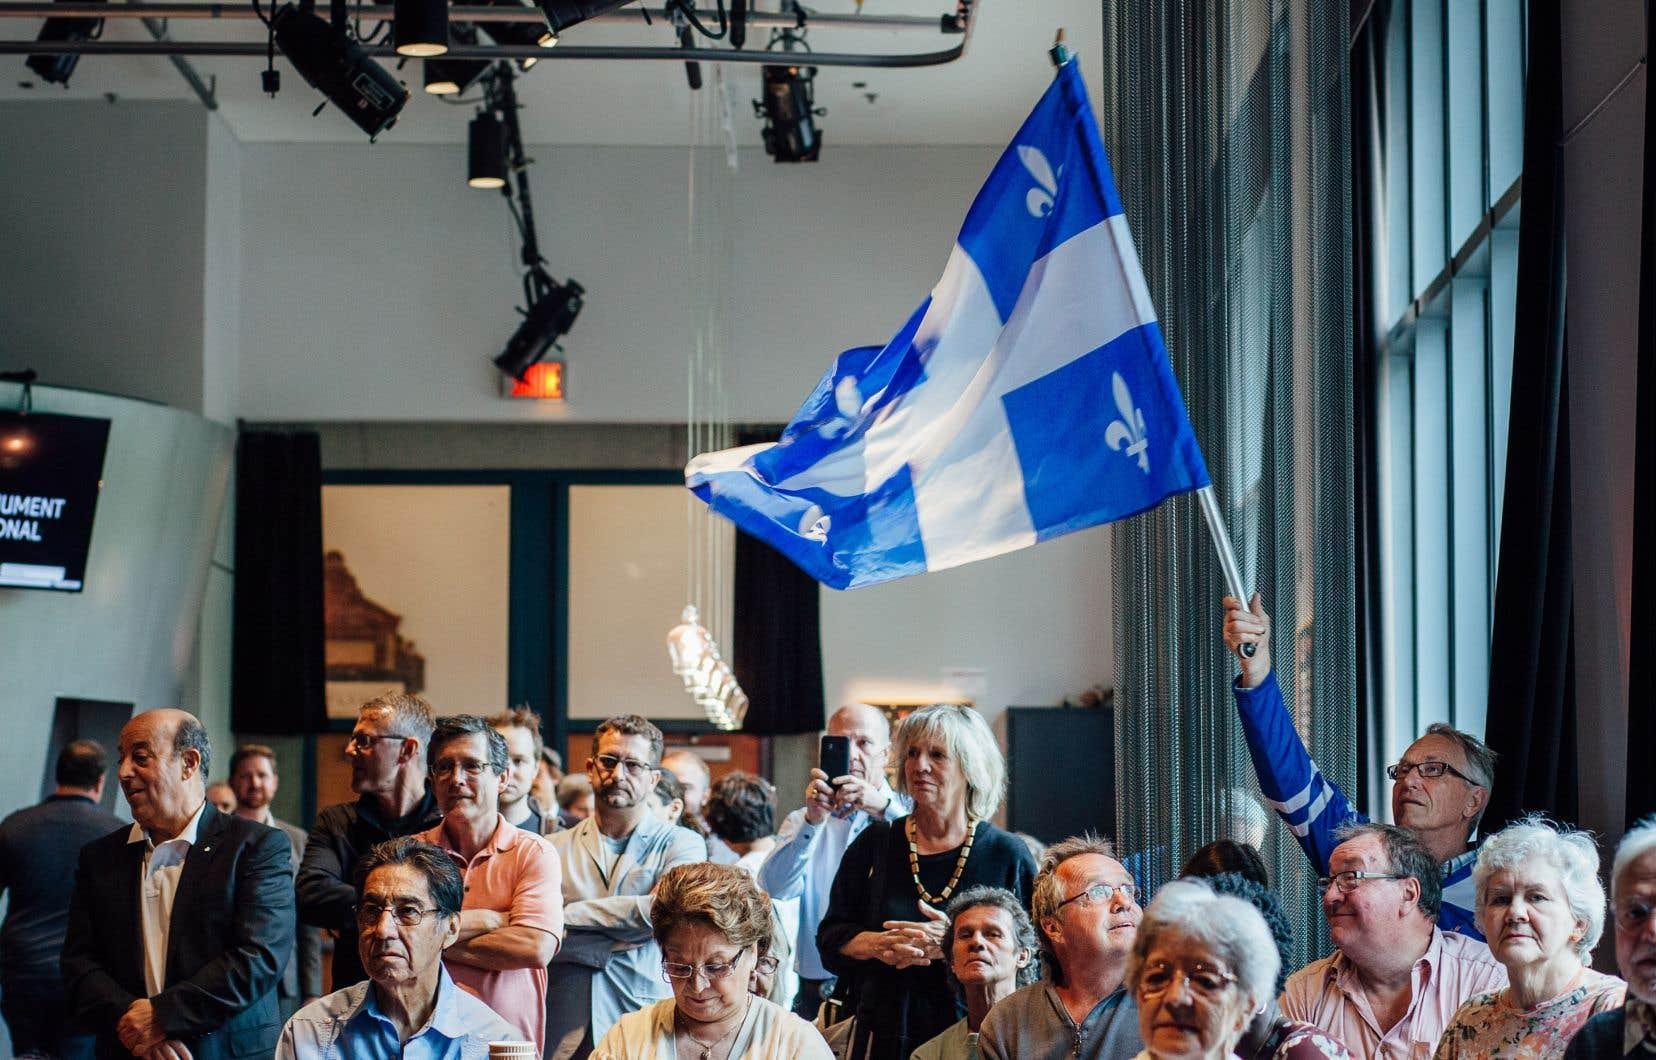 Selon le député Michel Boudrias, il faudrait réunir tous les militants souverainistes sous un seul parti politique.